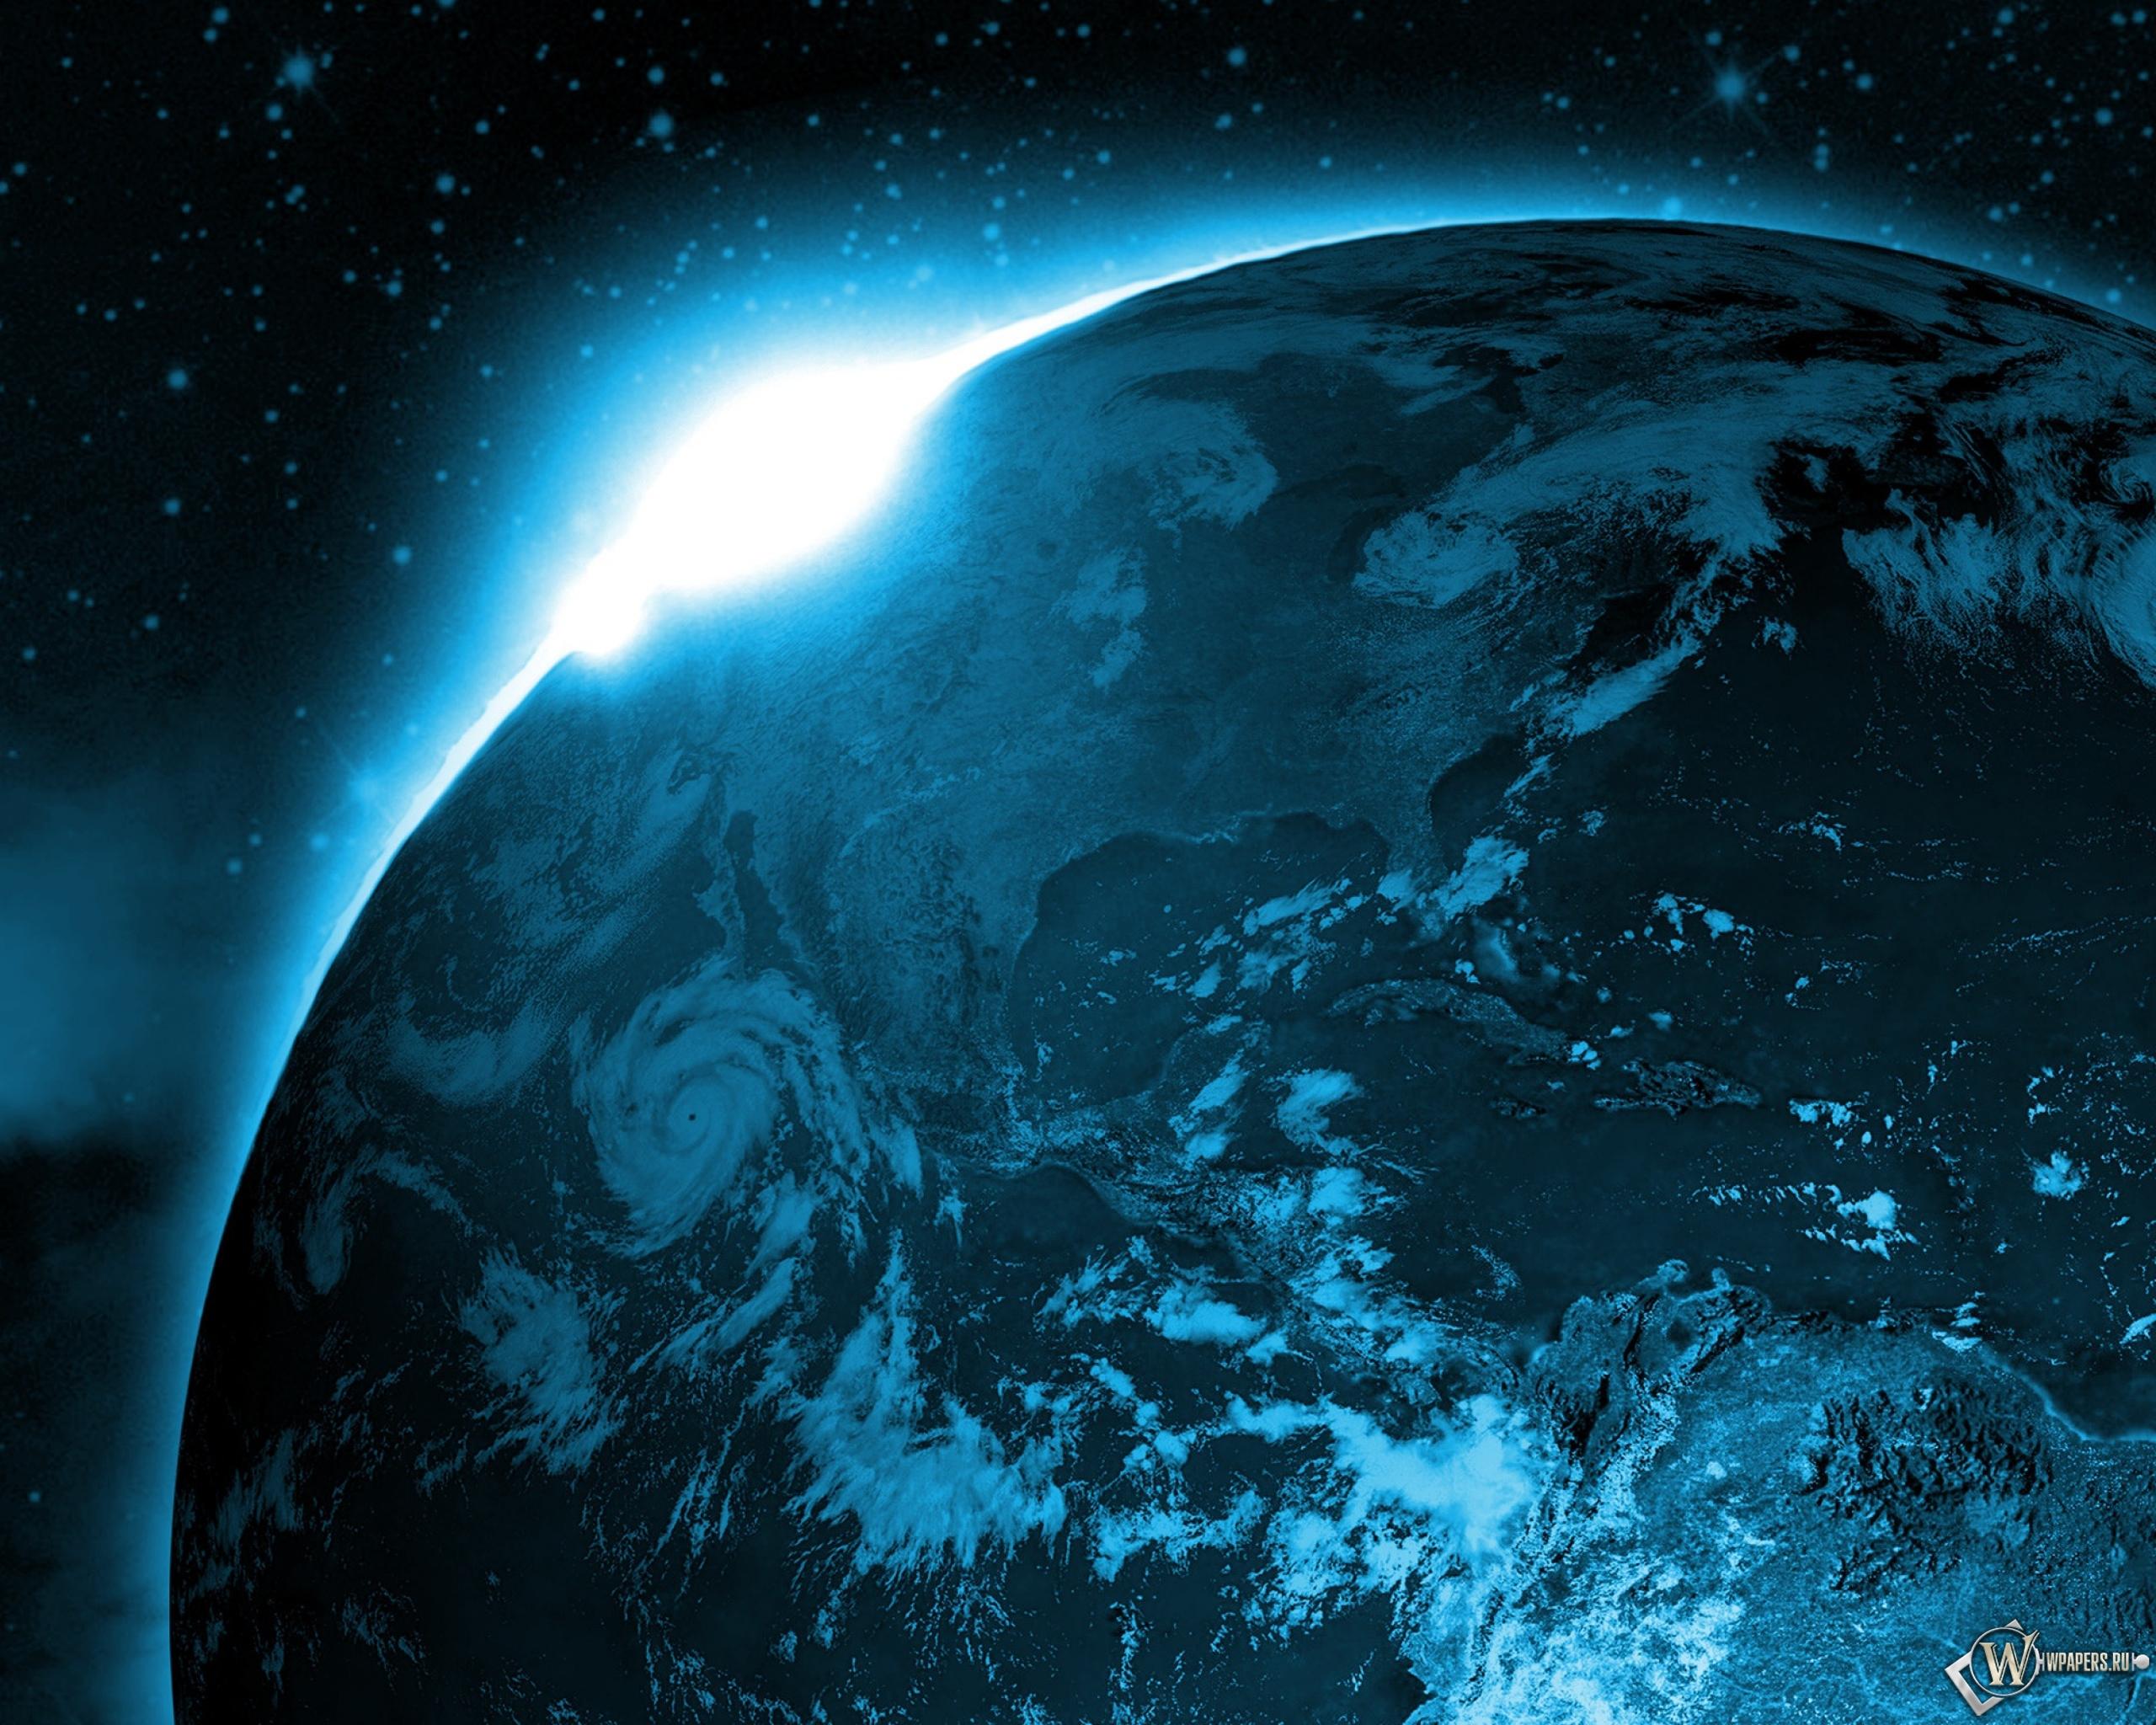 Елена Звездная Хелл На Земле 3 Маленькая Голубая Планета Читать Онлайн